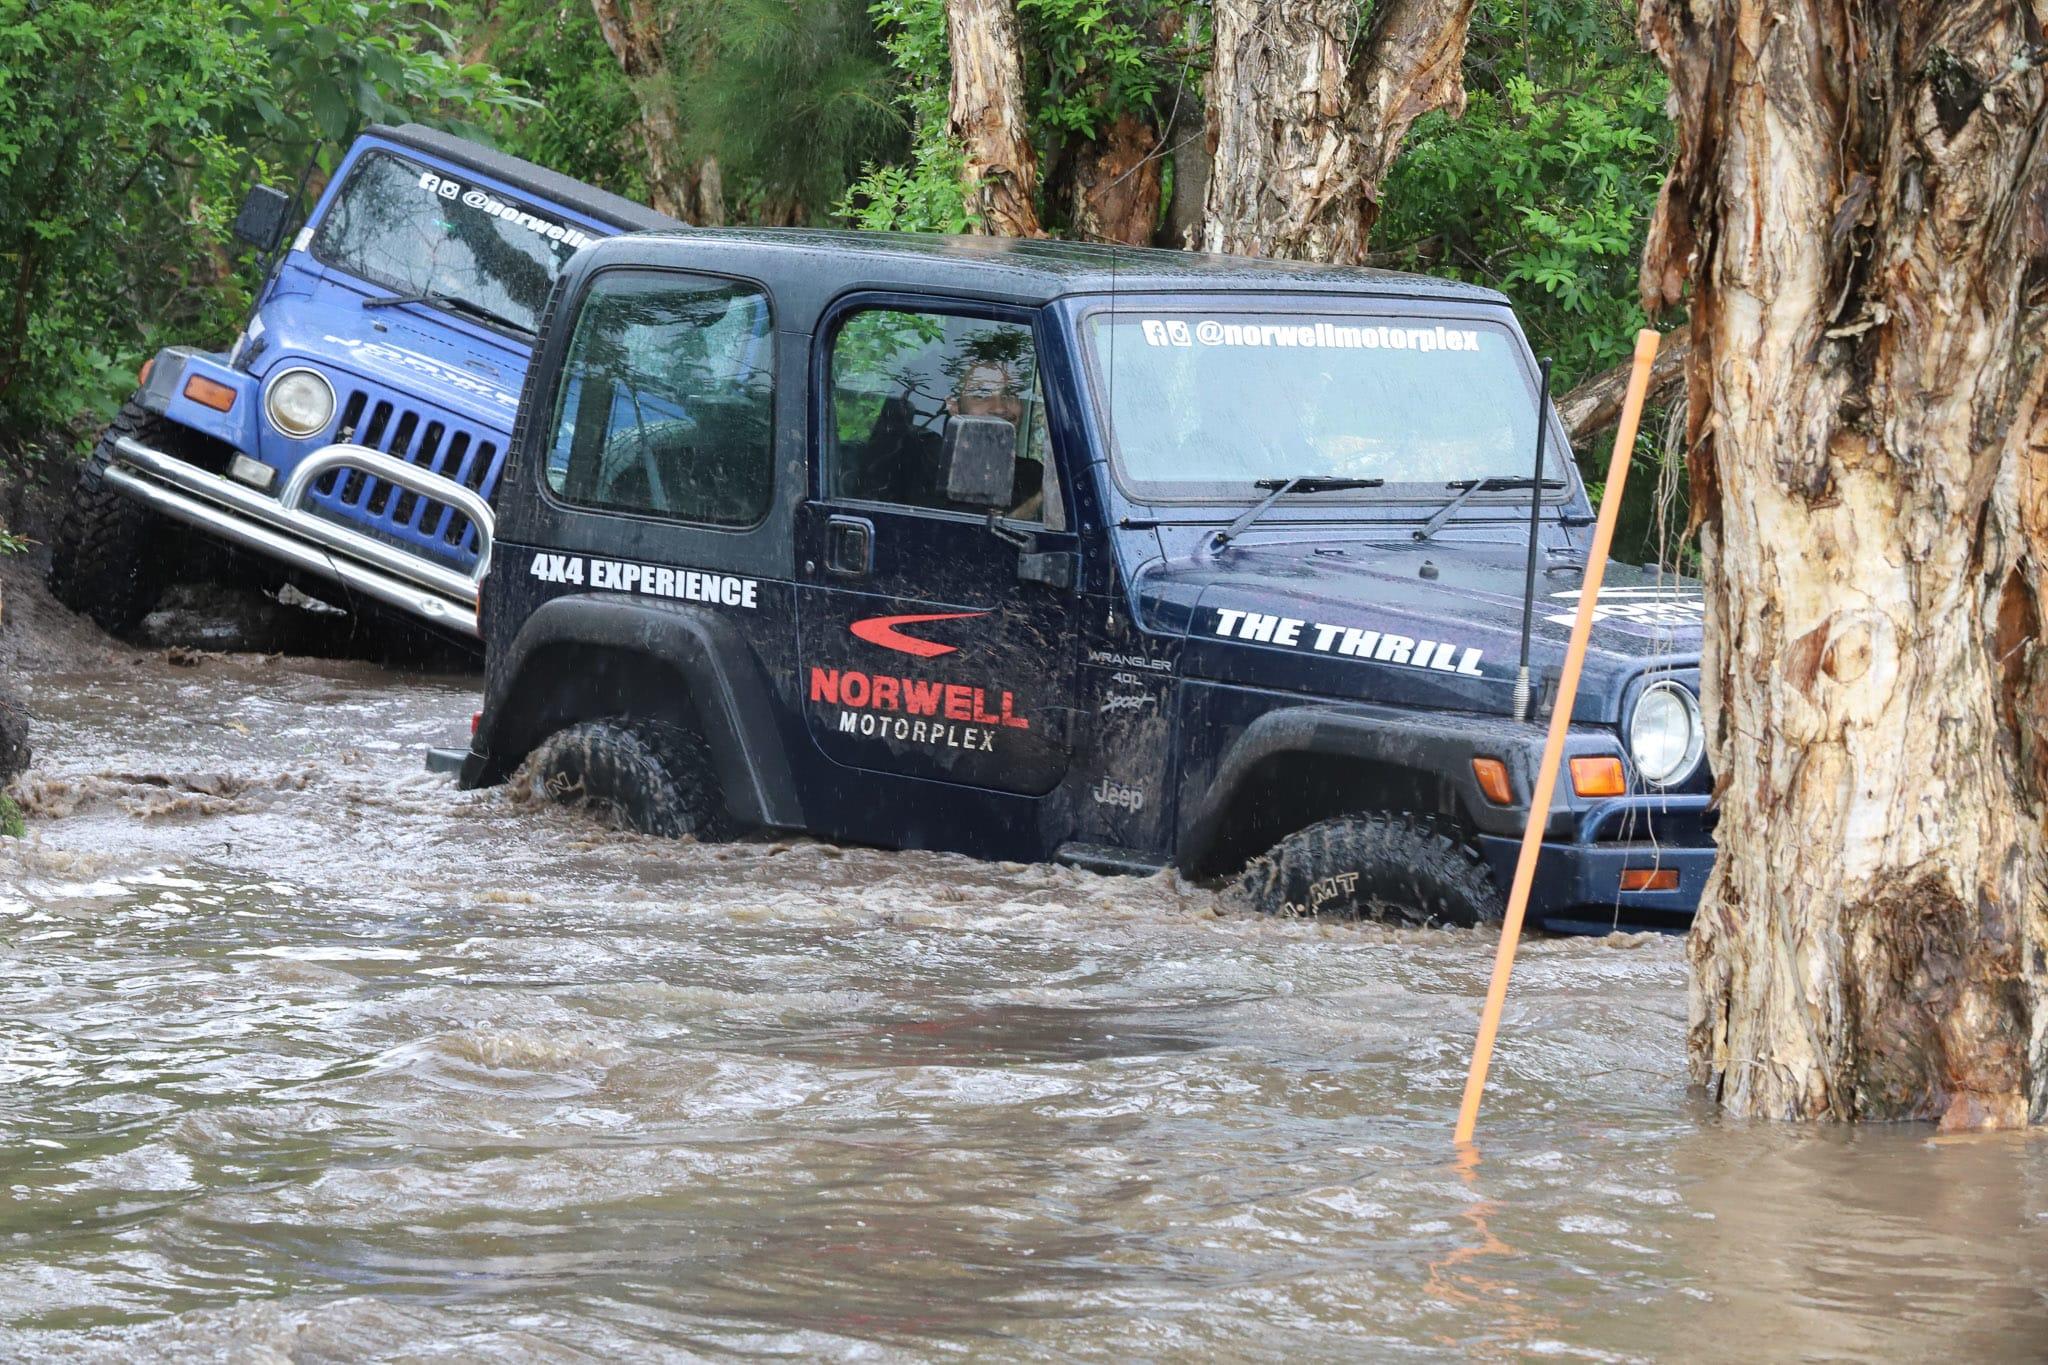 4x4 Jeep Off Road Experience, 30 Minutes - Norwell Motorplex, Gold Coast